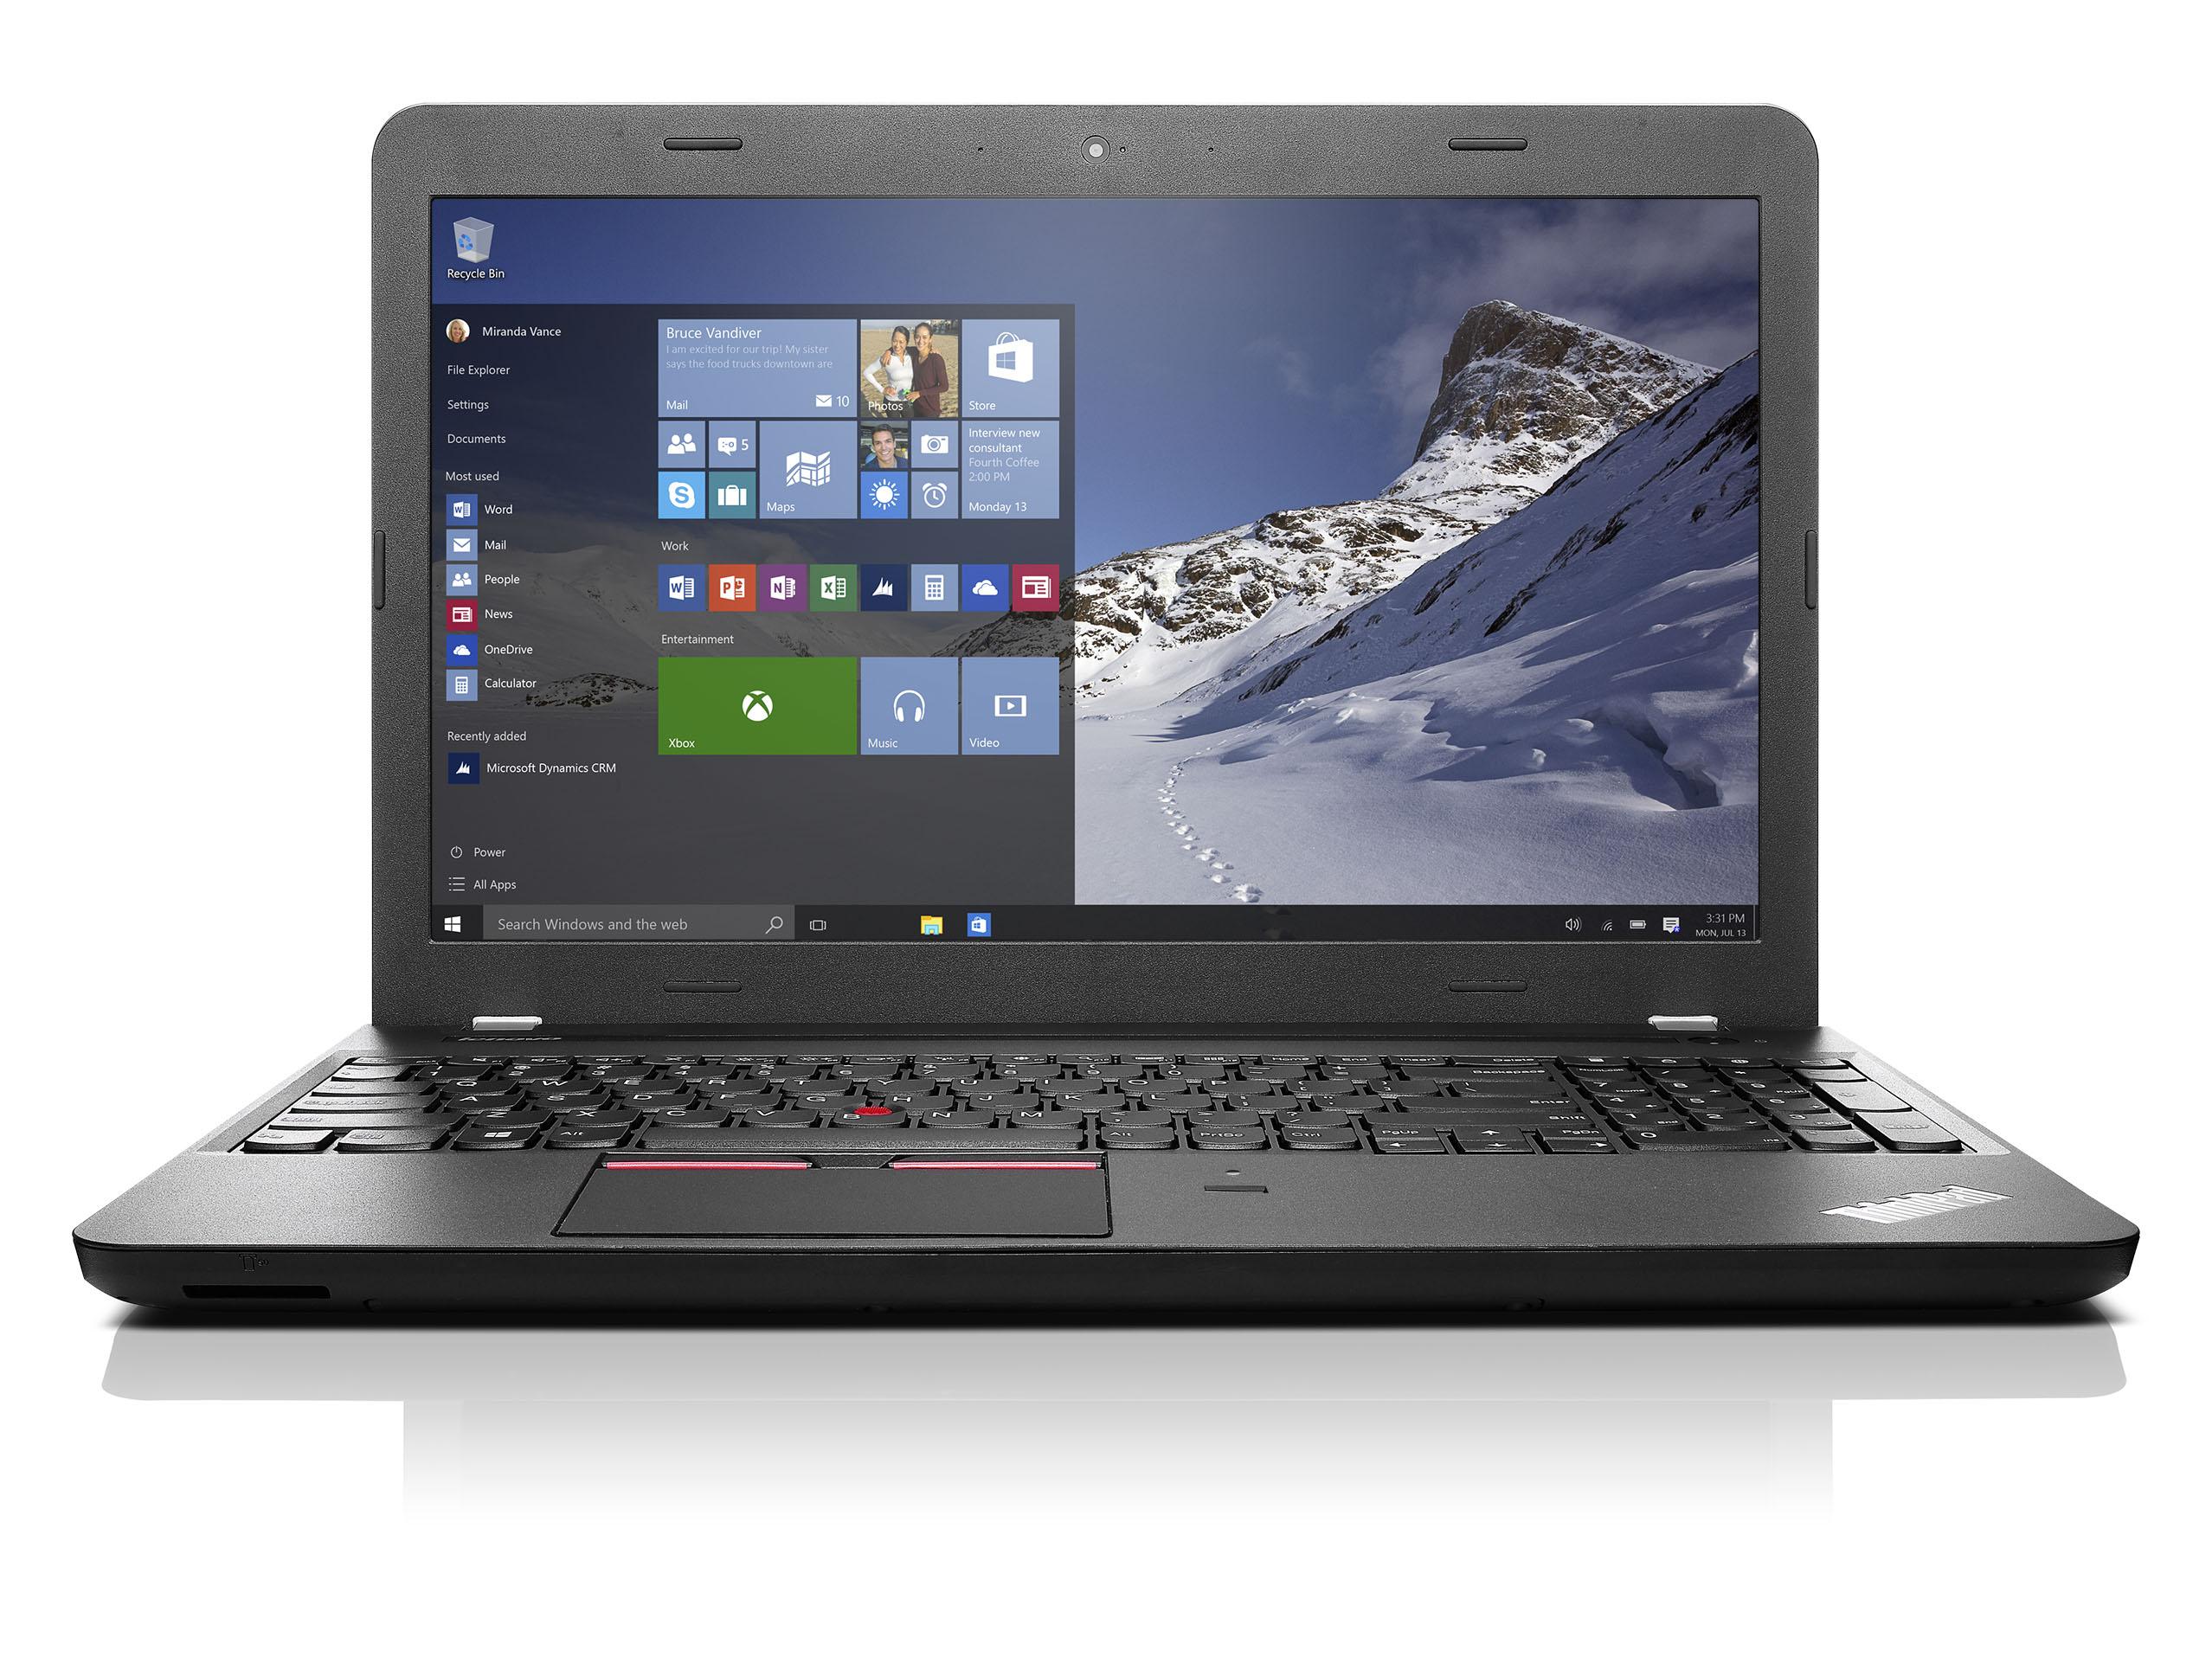 ThinkPad-E560-01